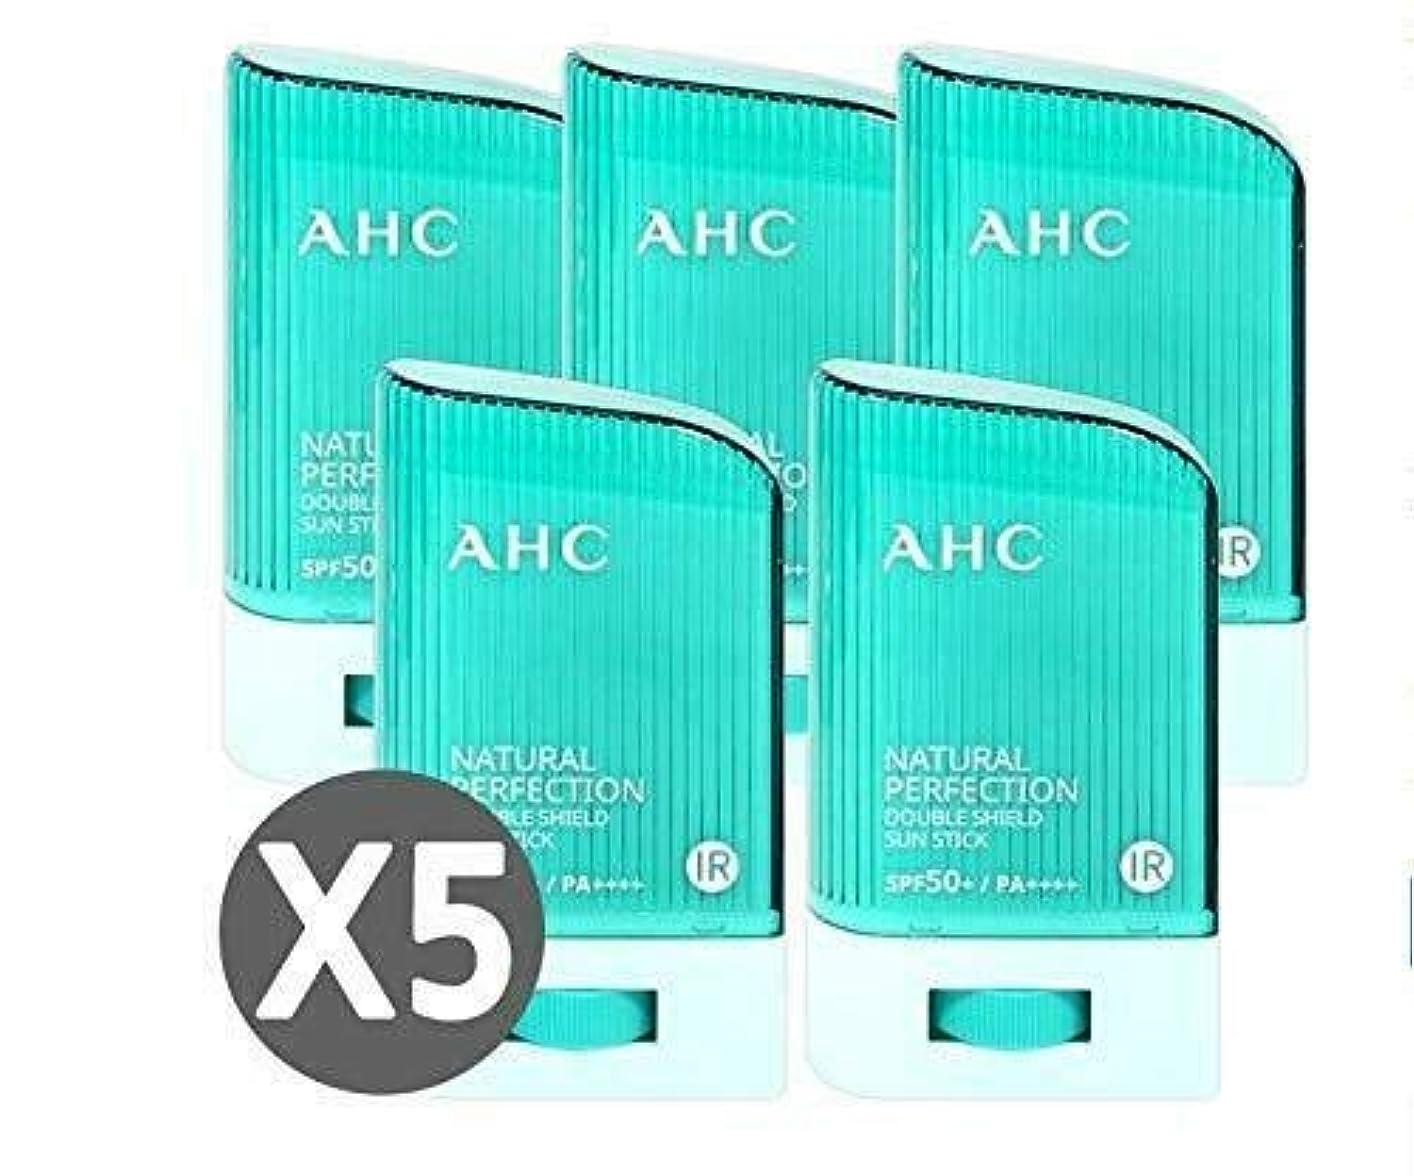 カトリック教徒文法木材[ 5個セット ] AHC ナチュラルパーフェクションダブルシールドサンスティック 22g, Natural Perfection Double Shield Sun Stick SPF50+ PA++++